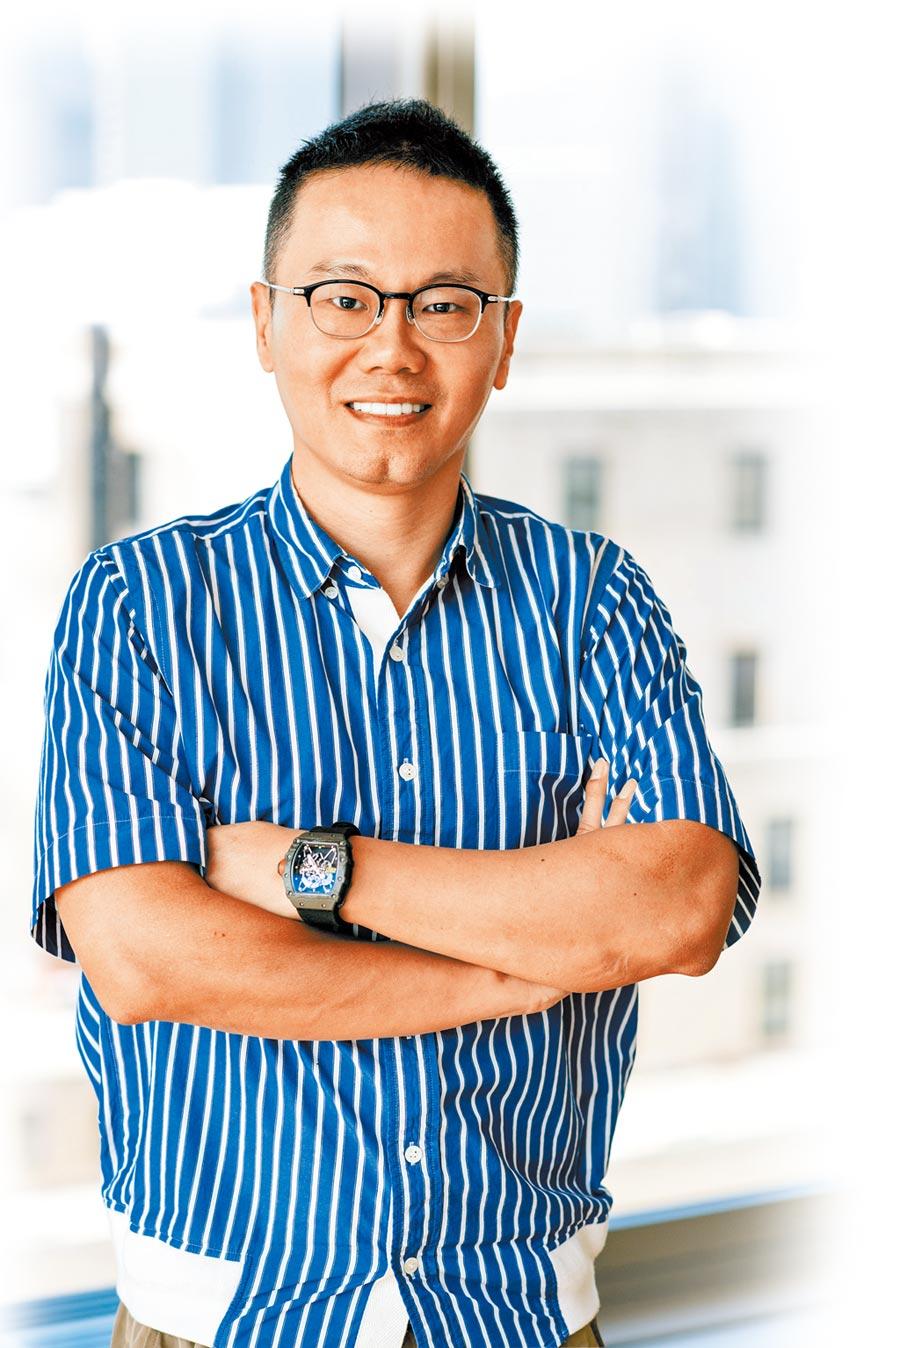 陳澤杉被譽為「巨星操盤手」。(資料照片)